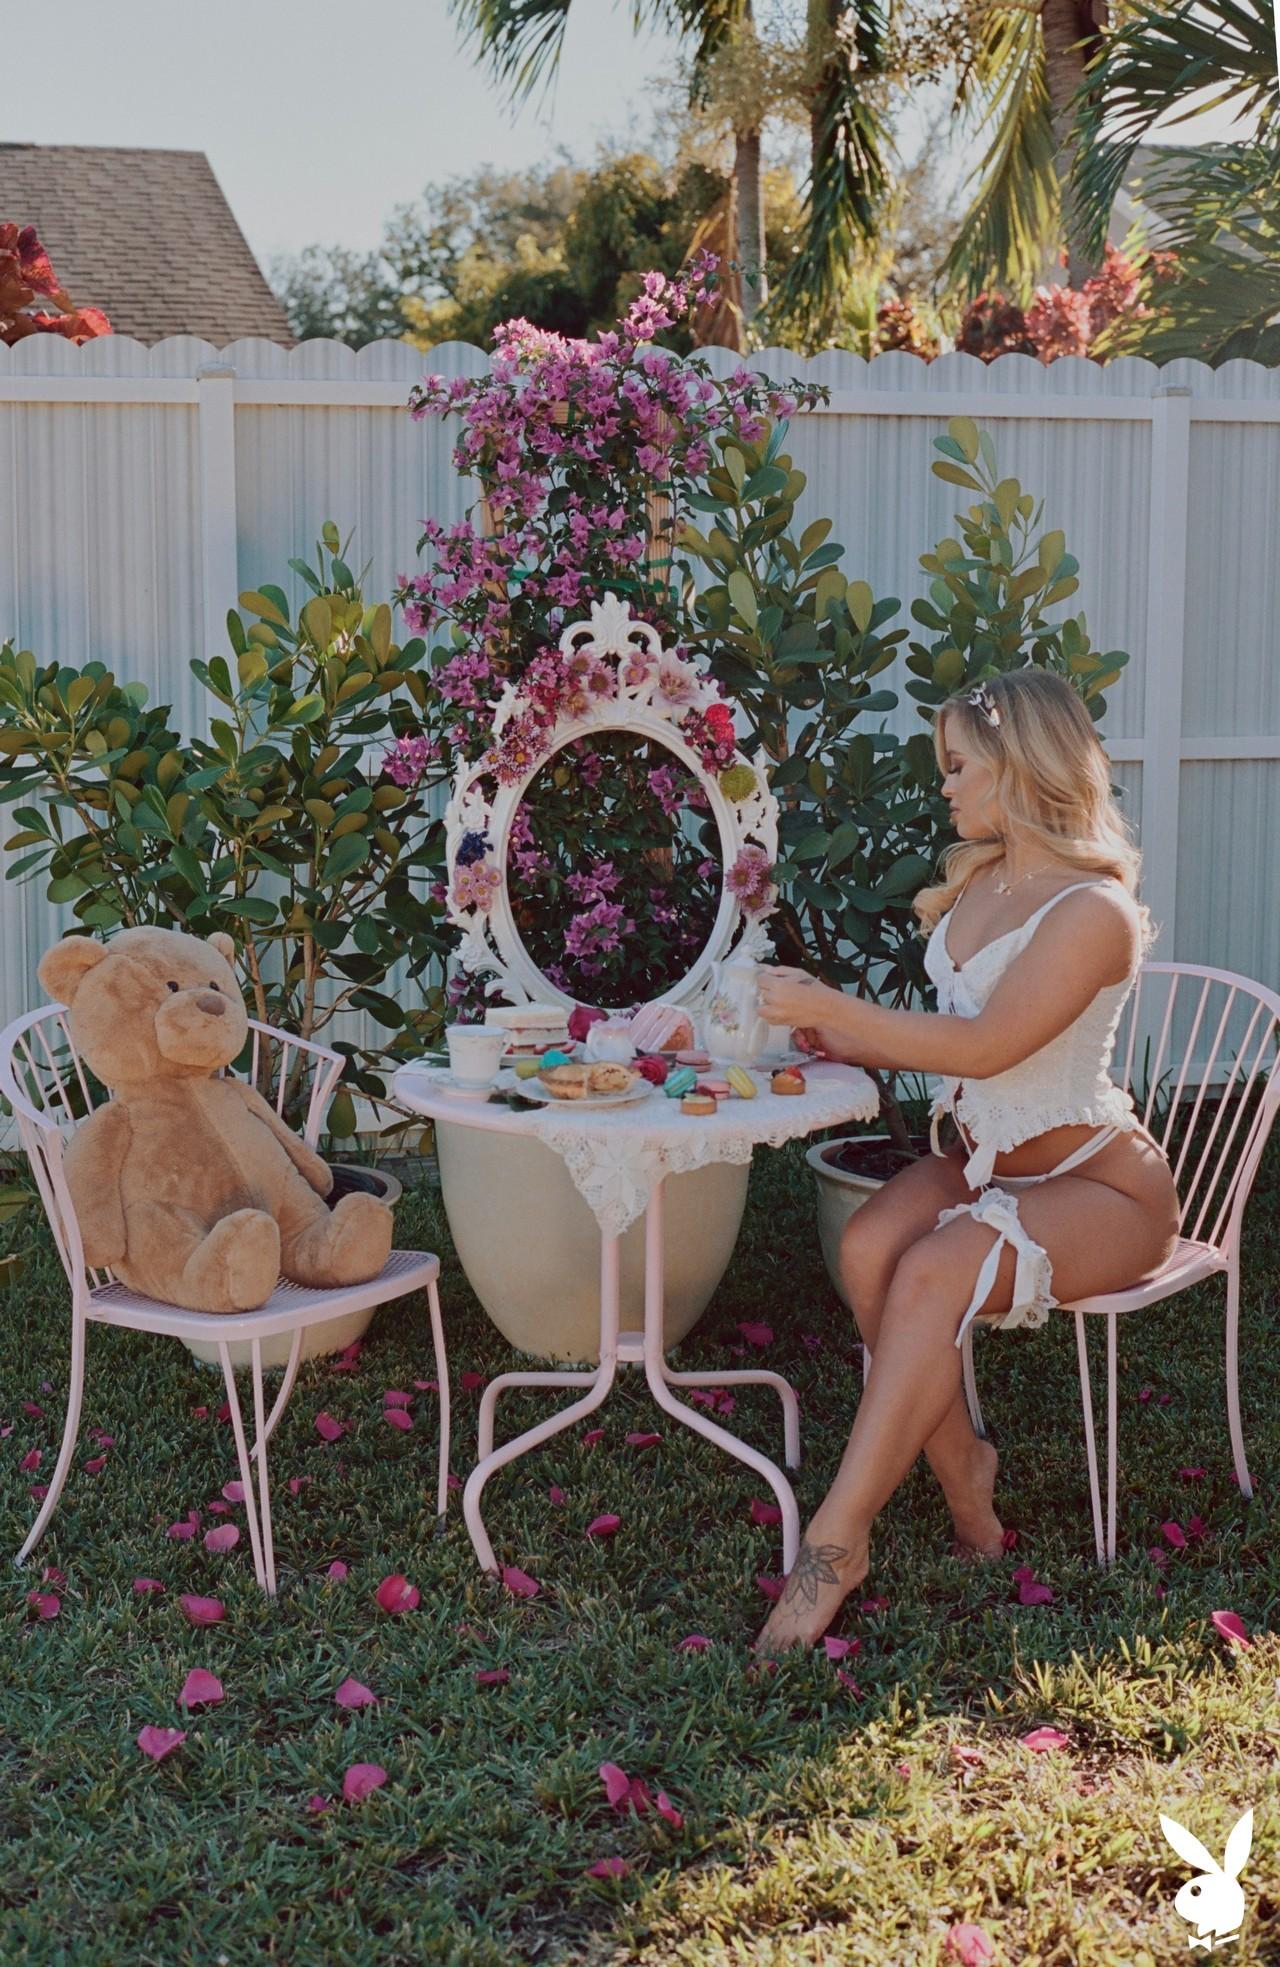 Jackie In Sweet Treats Playboy Plus (4)